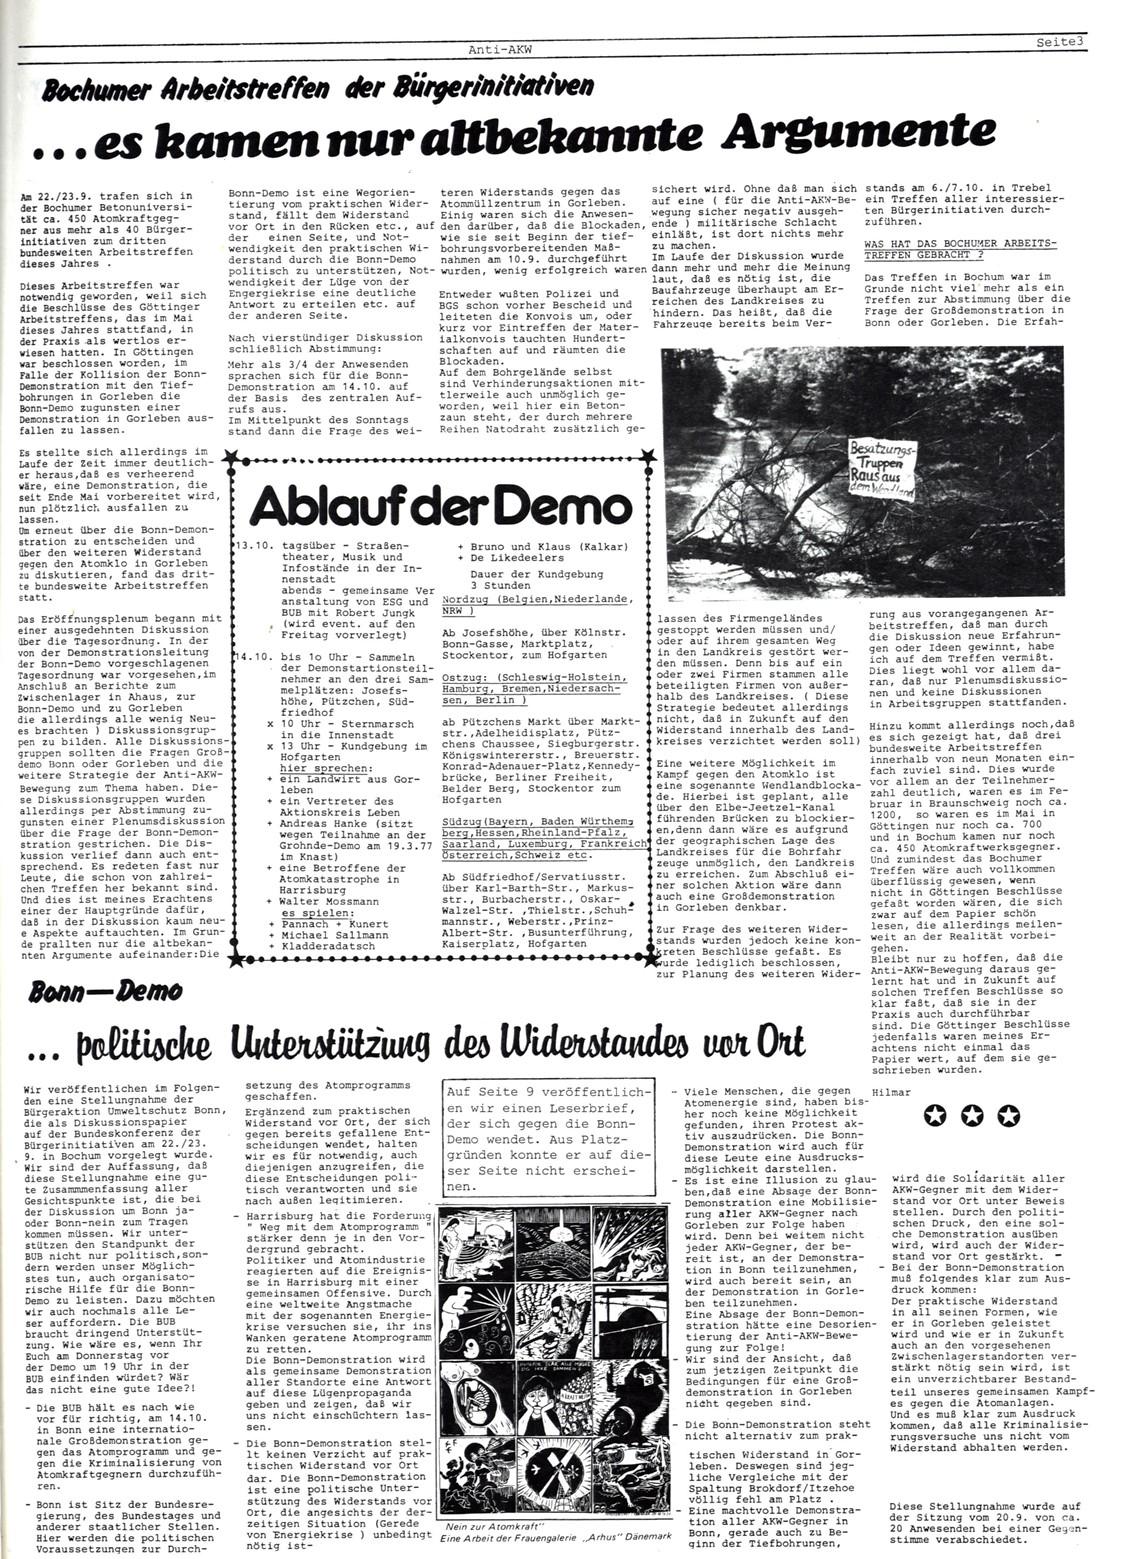 Bonner_Volksblatt_28_19791003_03